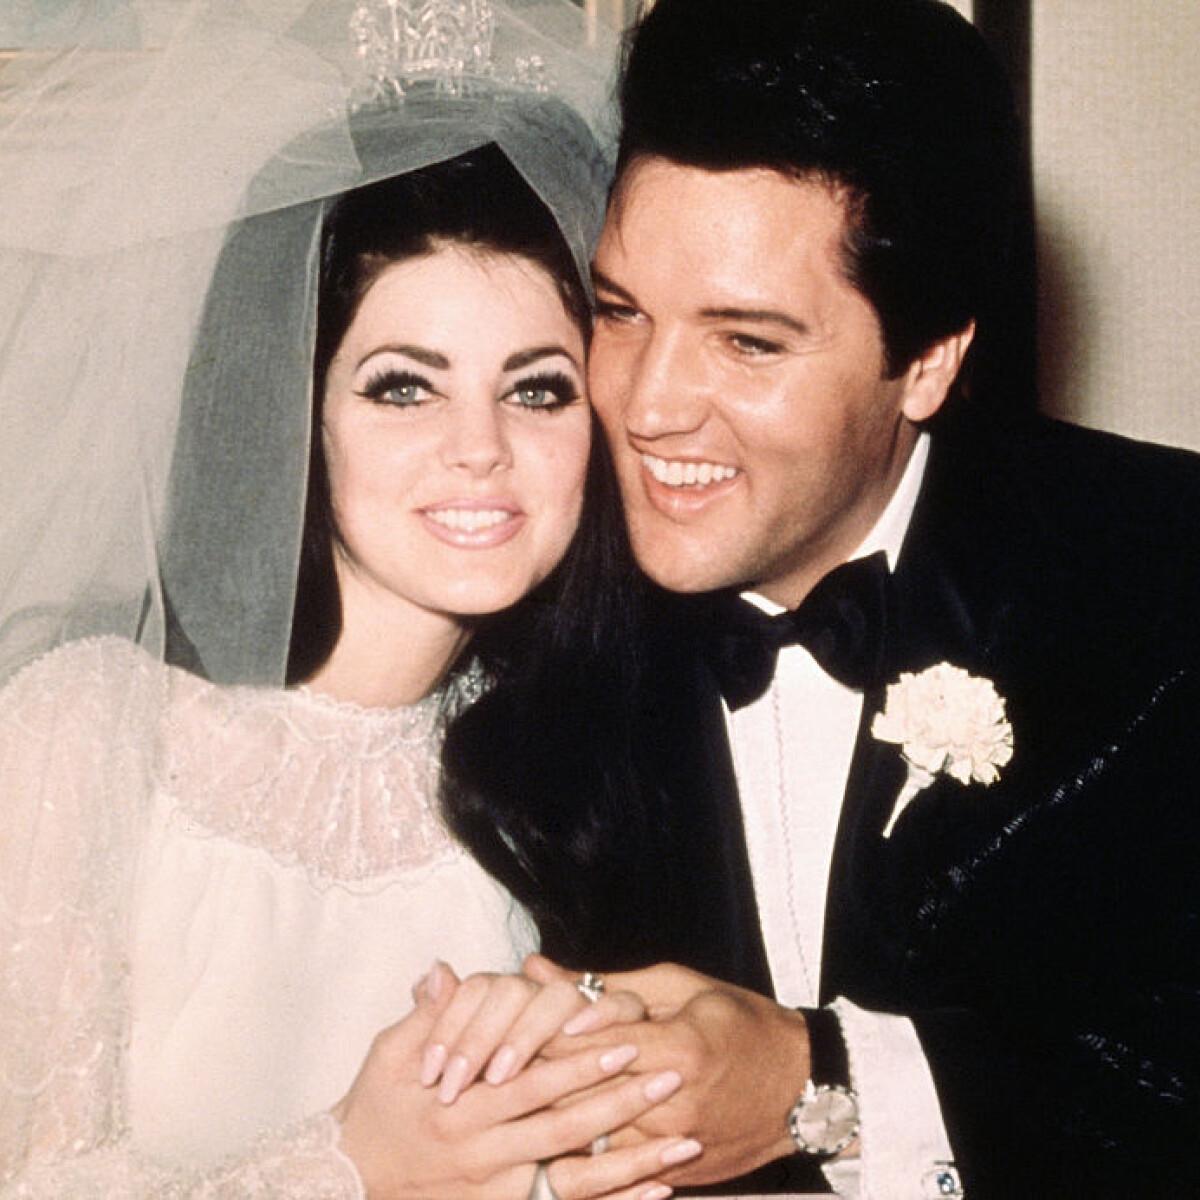 Imádni fogod Elvis Presley nászutas házát, amit éveken keresztül bérelt